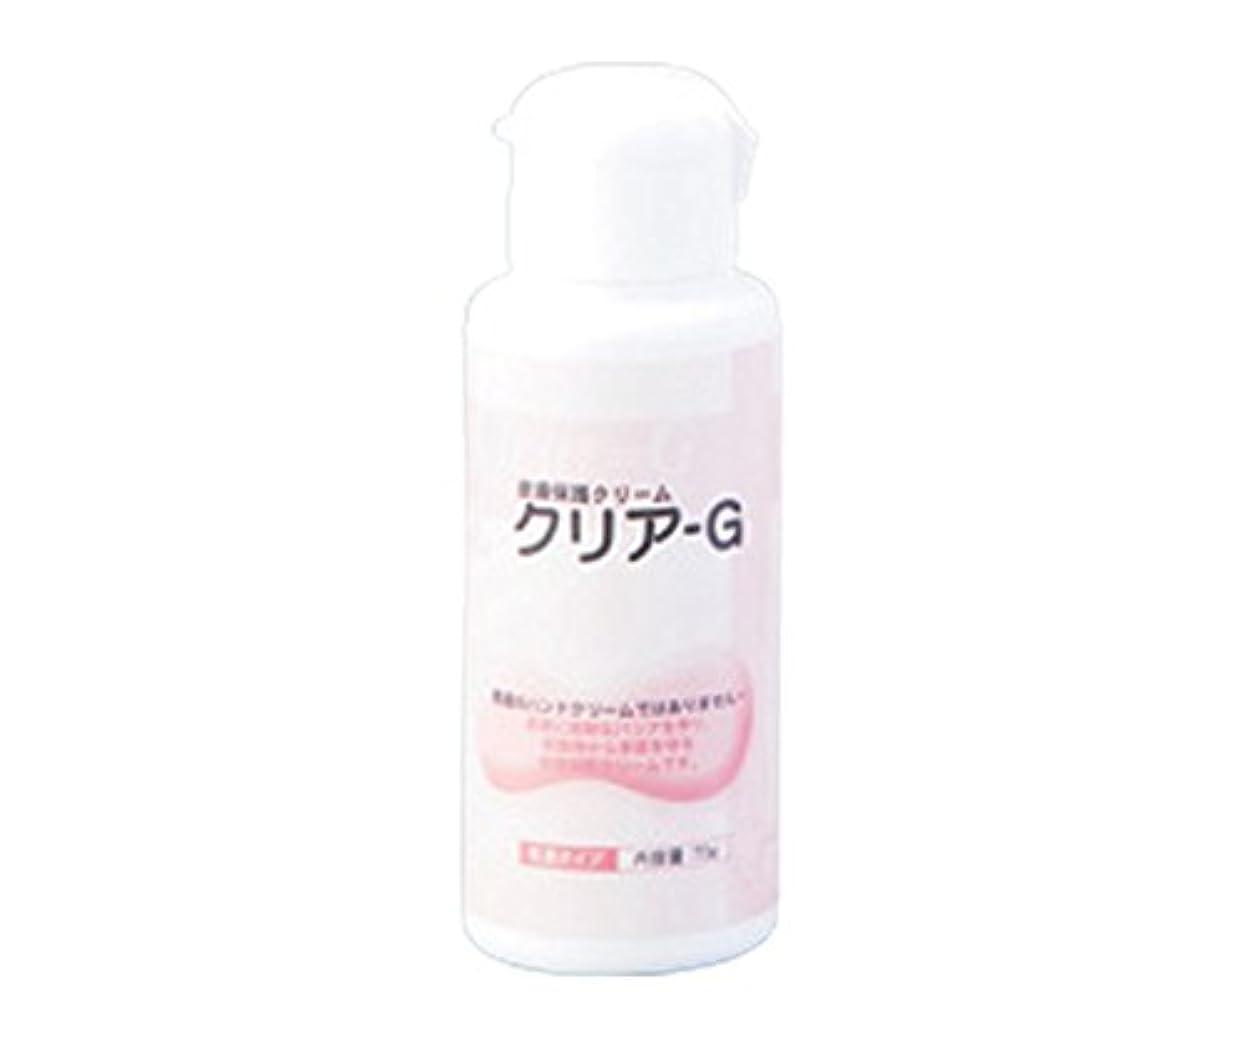 どれか一人でカテナ皮膚保護クリーム(クリア-G) 70g